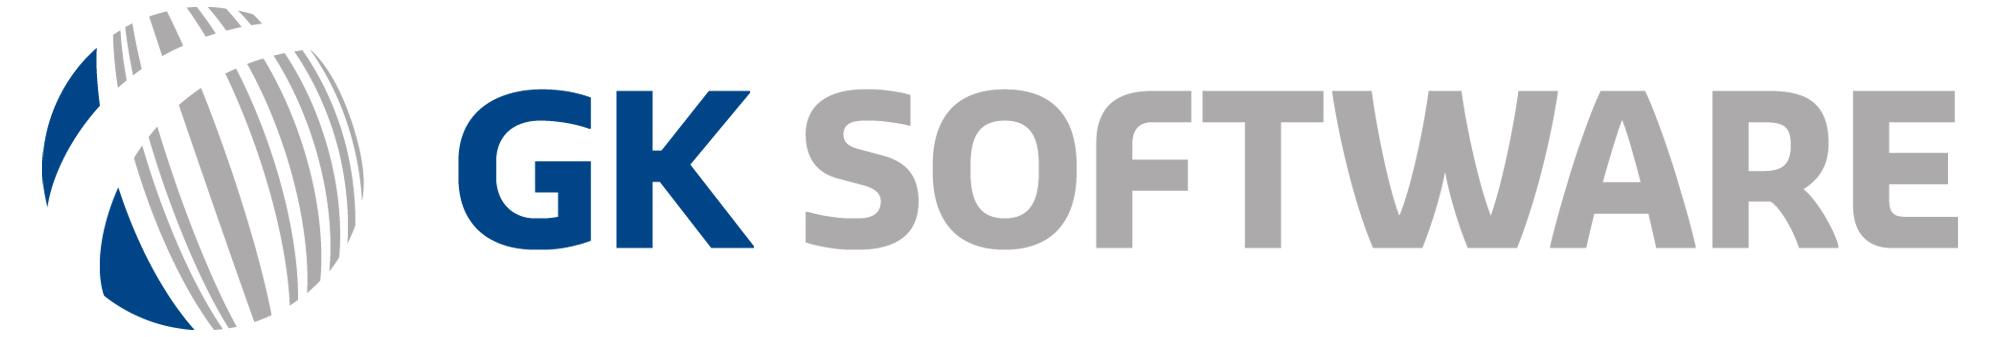 Sponsor: GK SOFTWARE SE